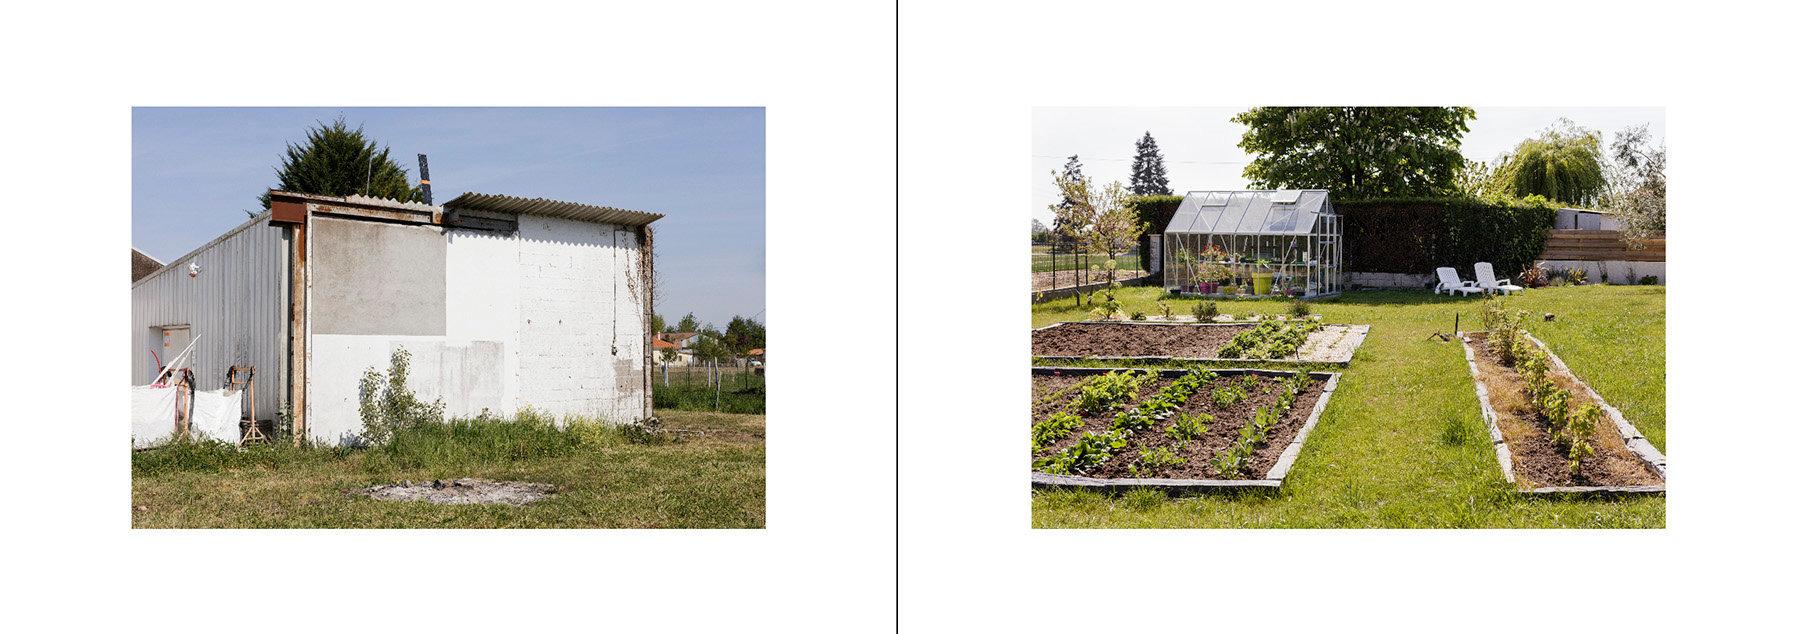 Le Loraux-Bottereau_Mauves-sur-Loire-page052 copie.jpg